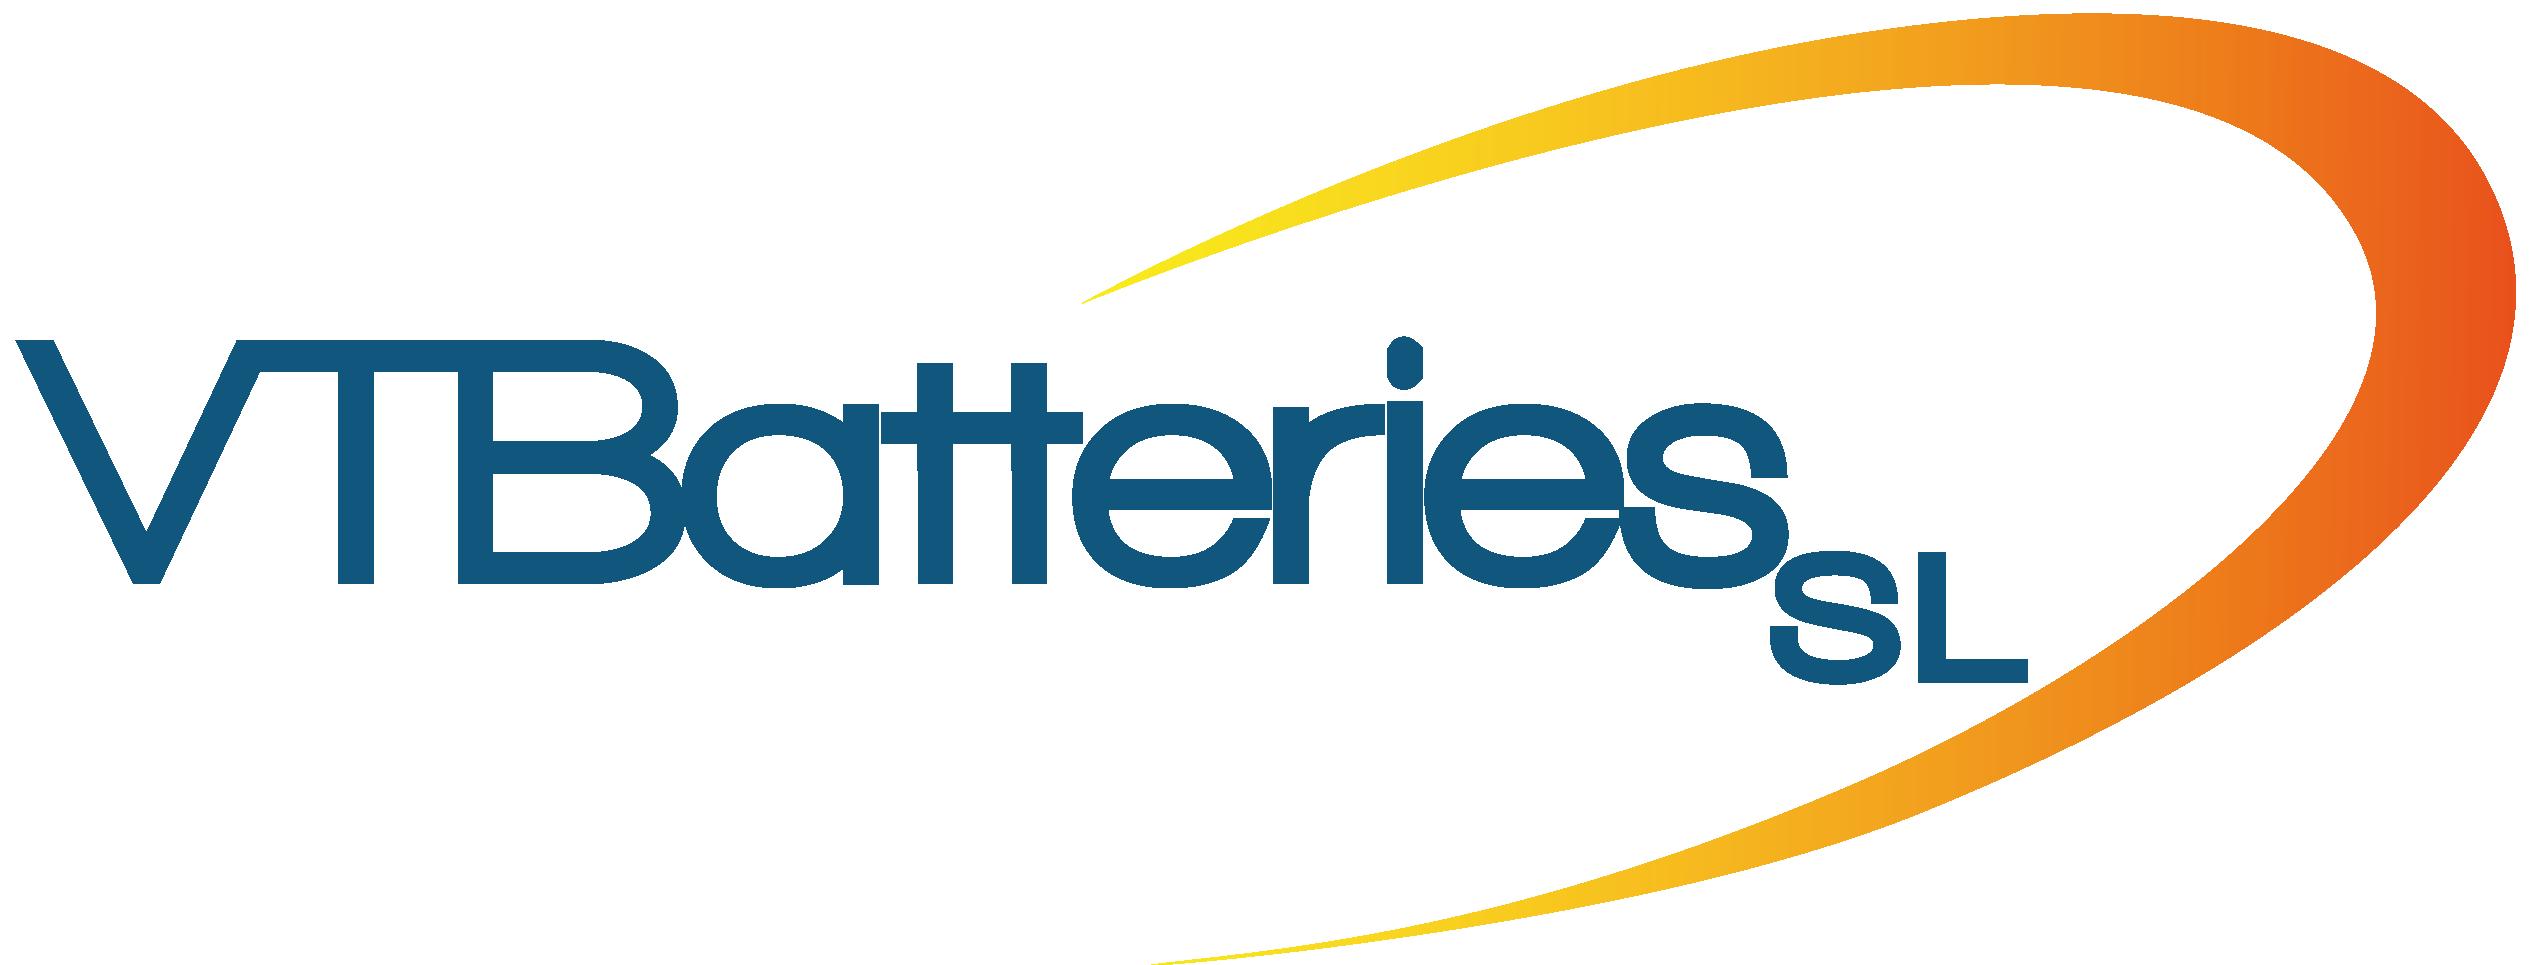 VT Batteries S.L.